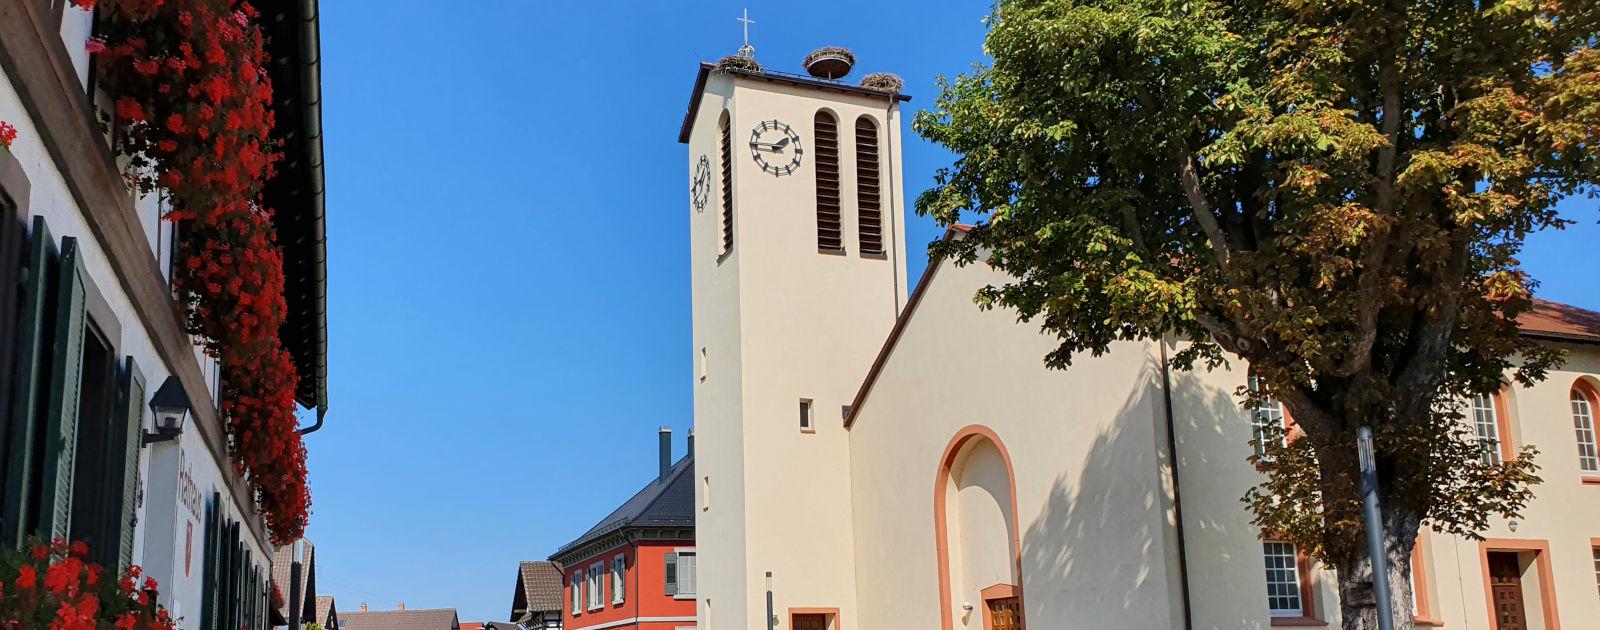 Kirche in Eckartsweier